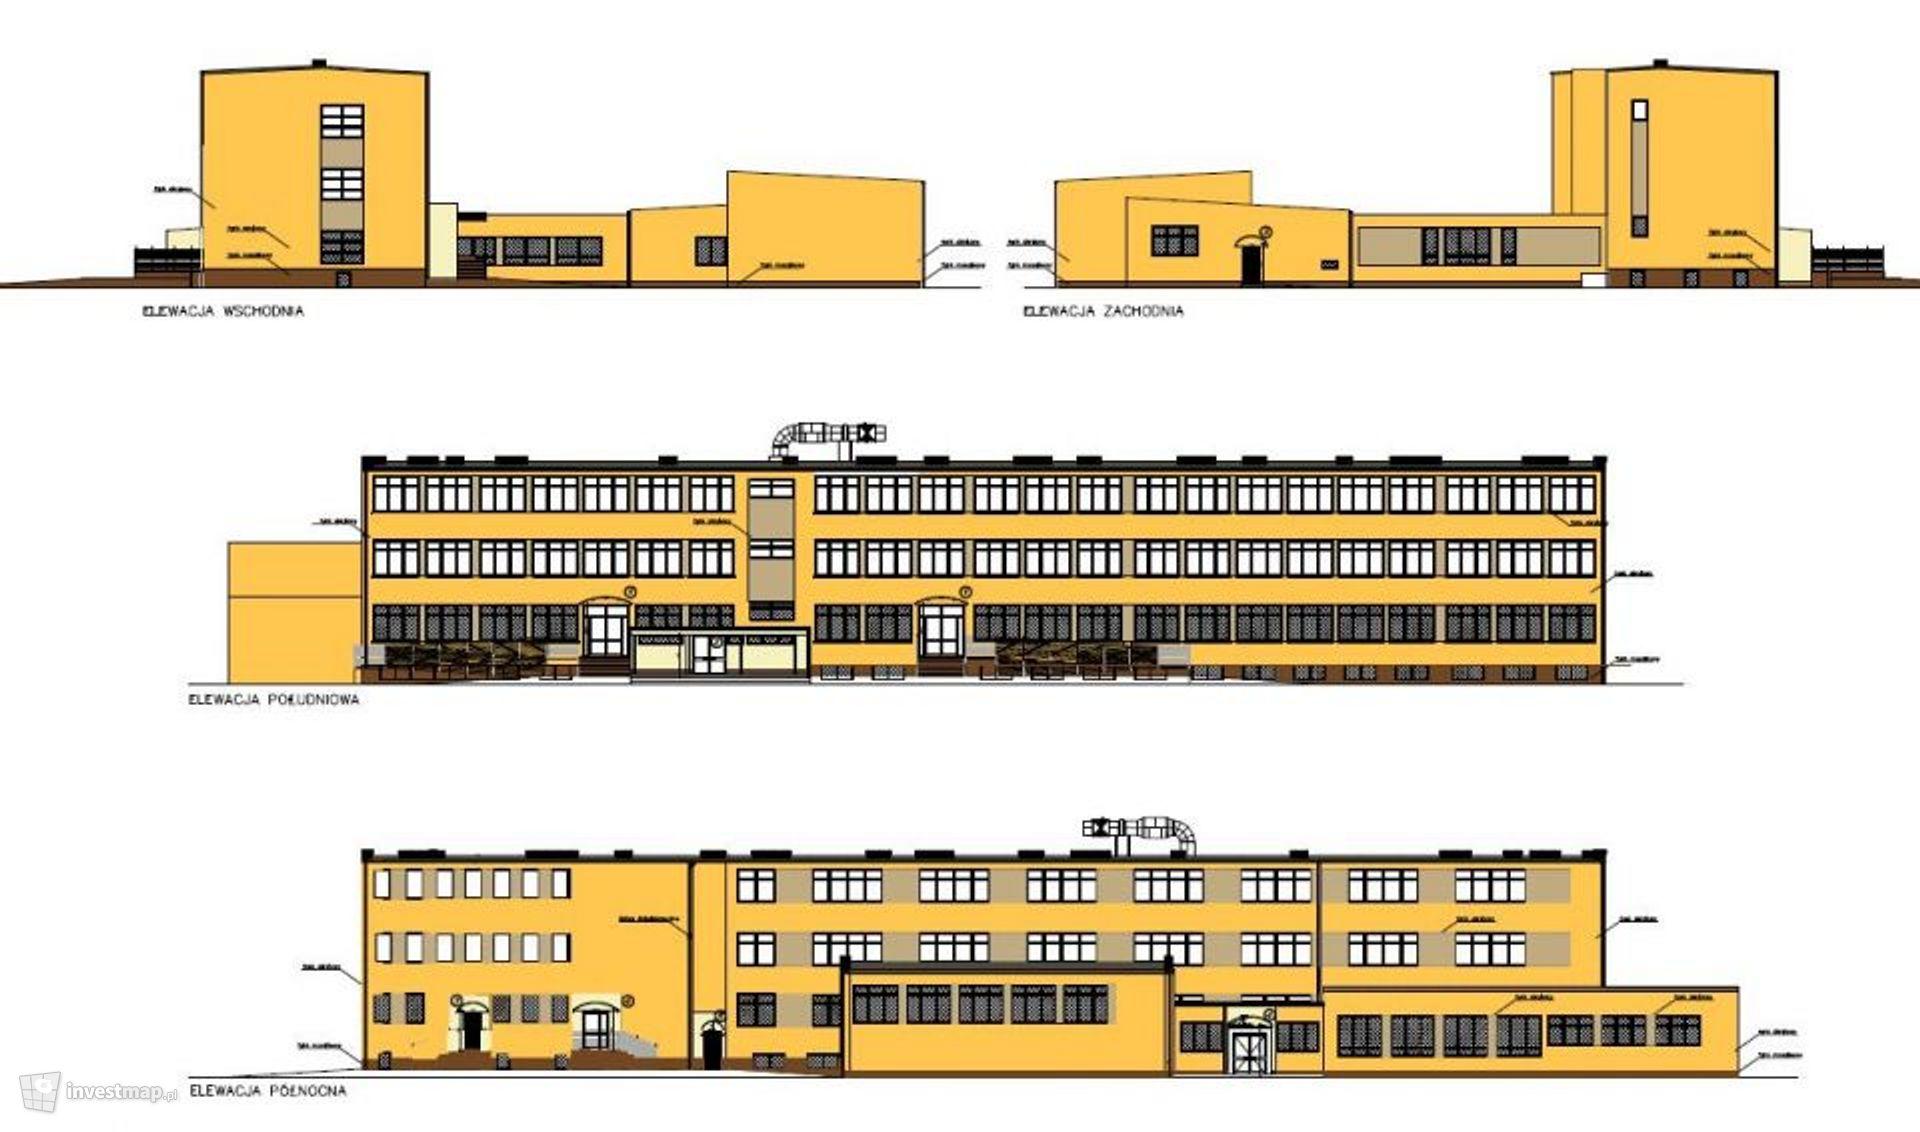 Zespół Szkół Ogólnokształcących nr 28 (rozbudowa)